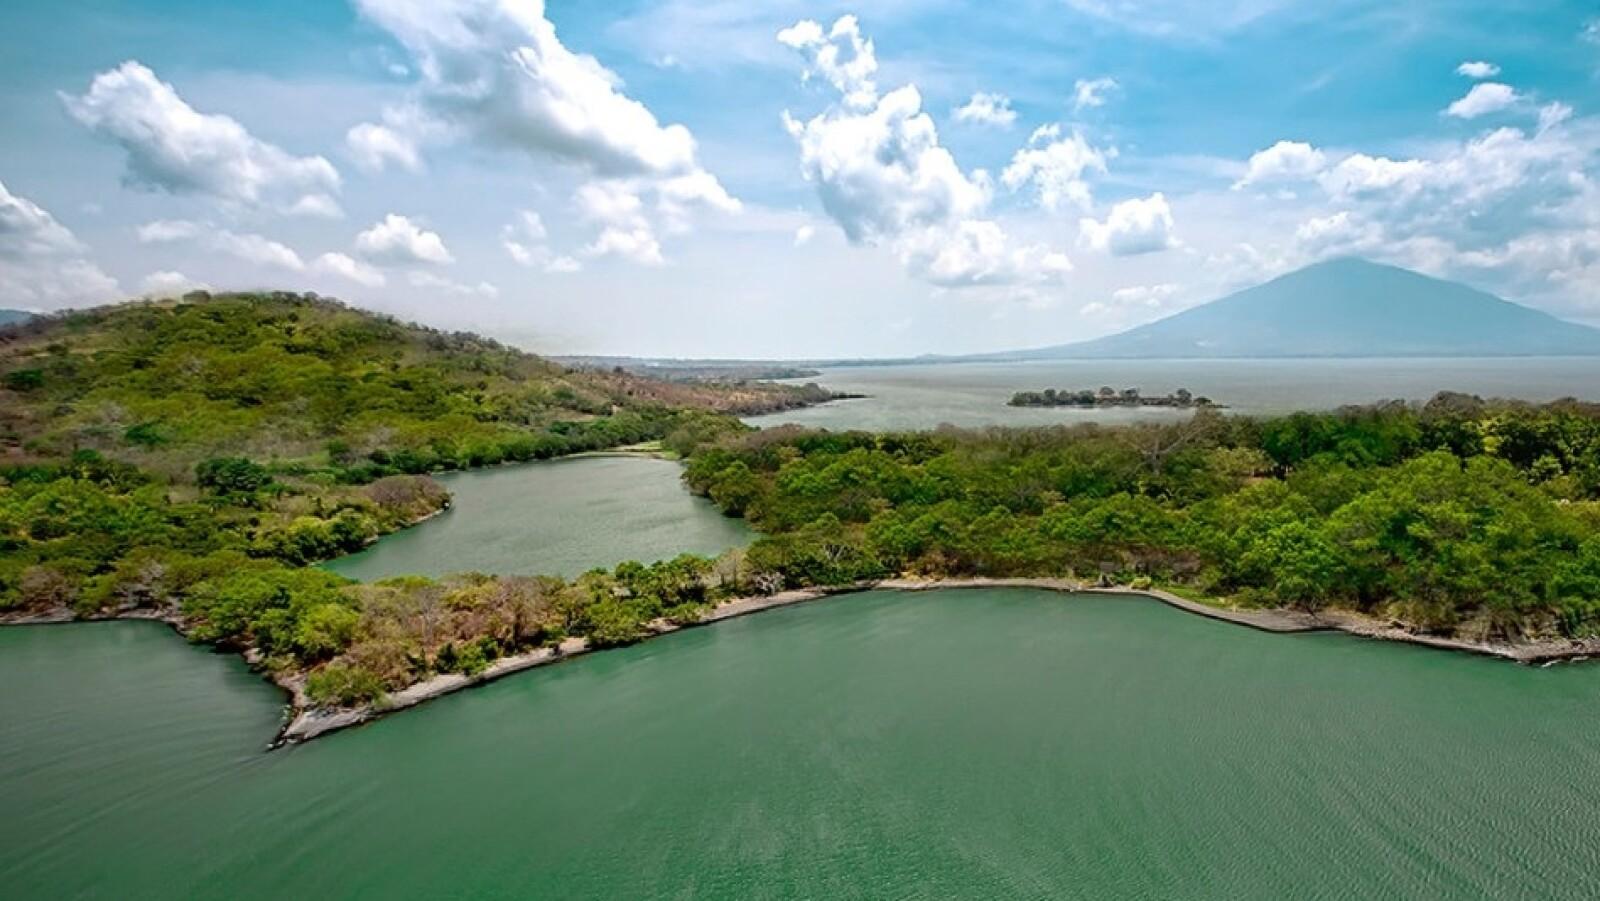 Comisión de Turismo de Nicaragua/CortesíaComisión de Turismo de Nicaragua/Cortesía